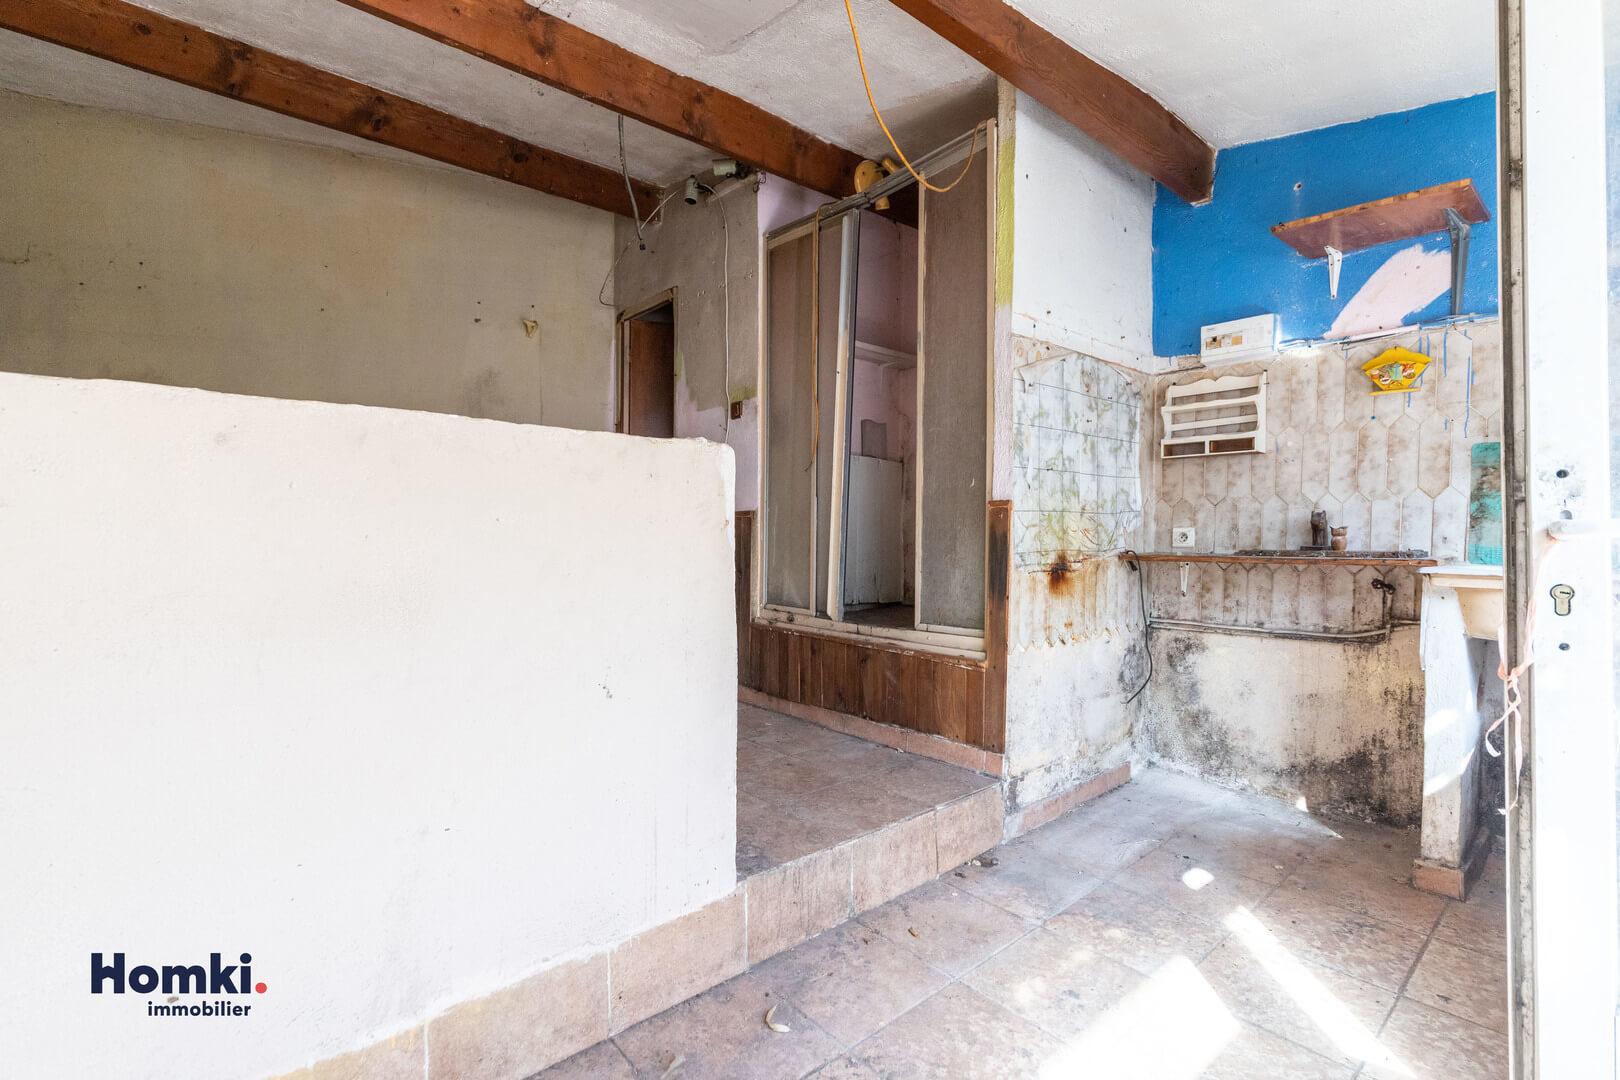 Vente maison 75m² T4 84200_8